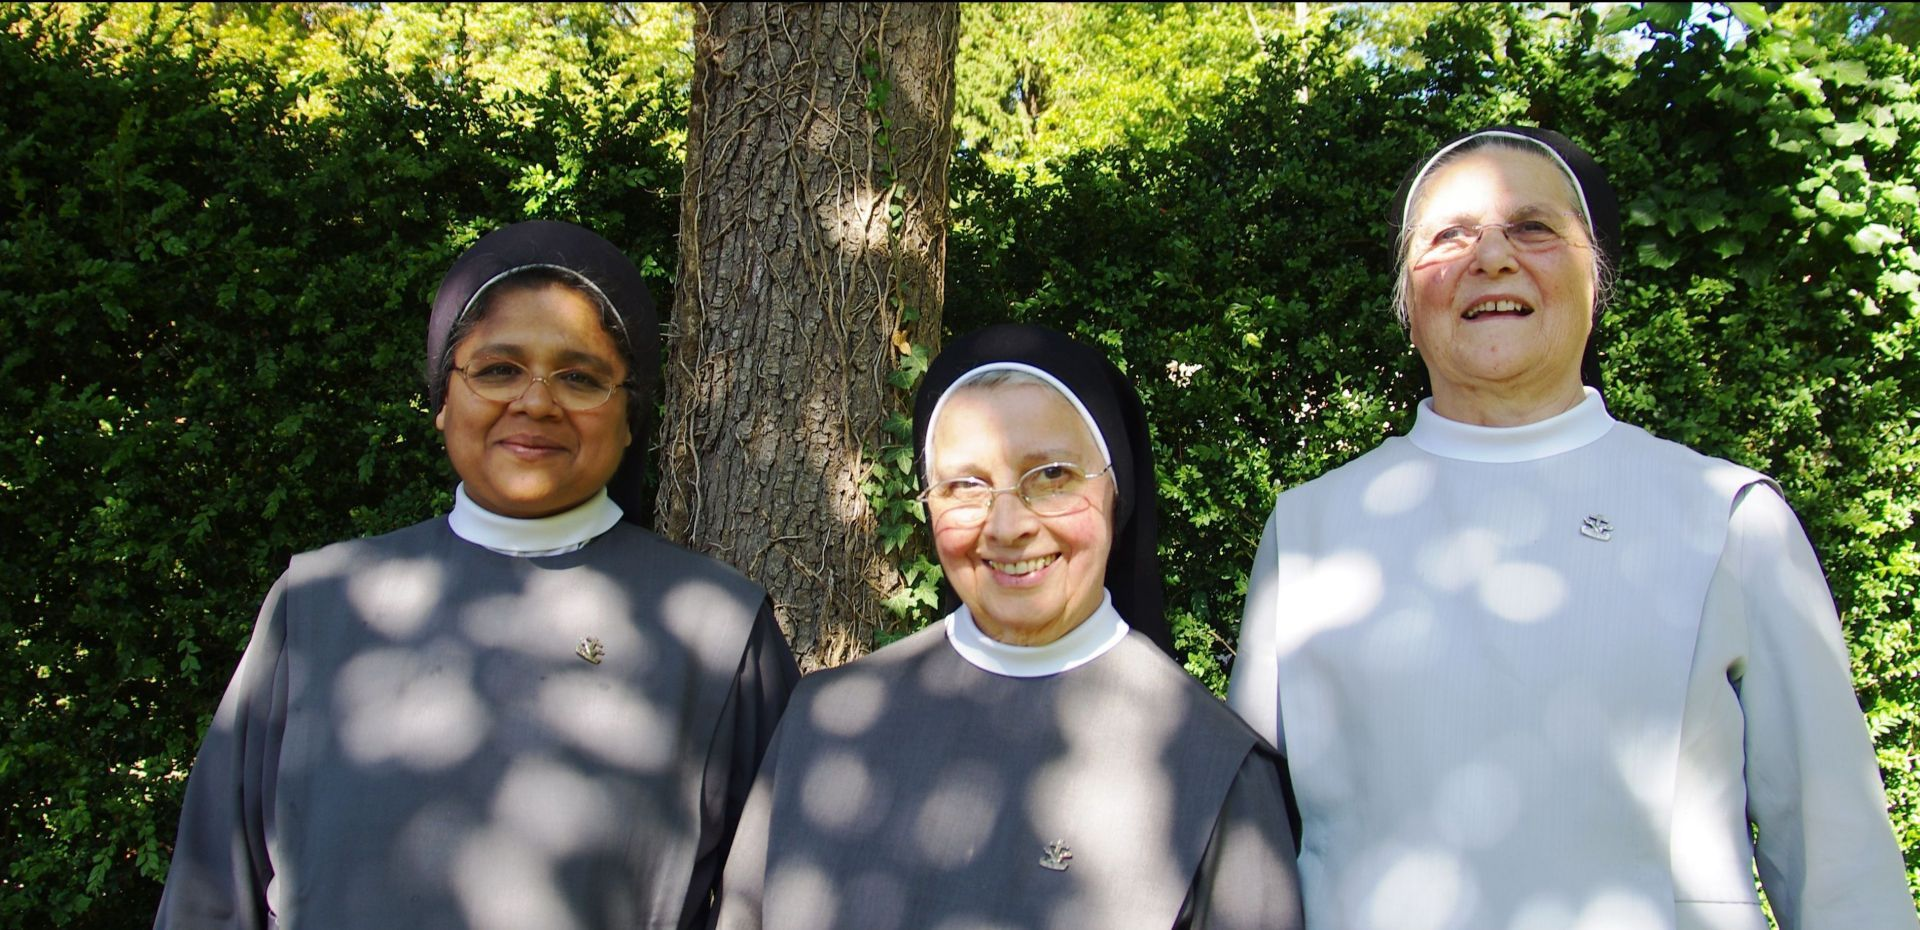 Une communauté religieuse impliquée